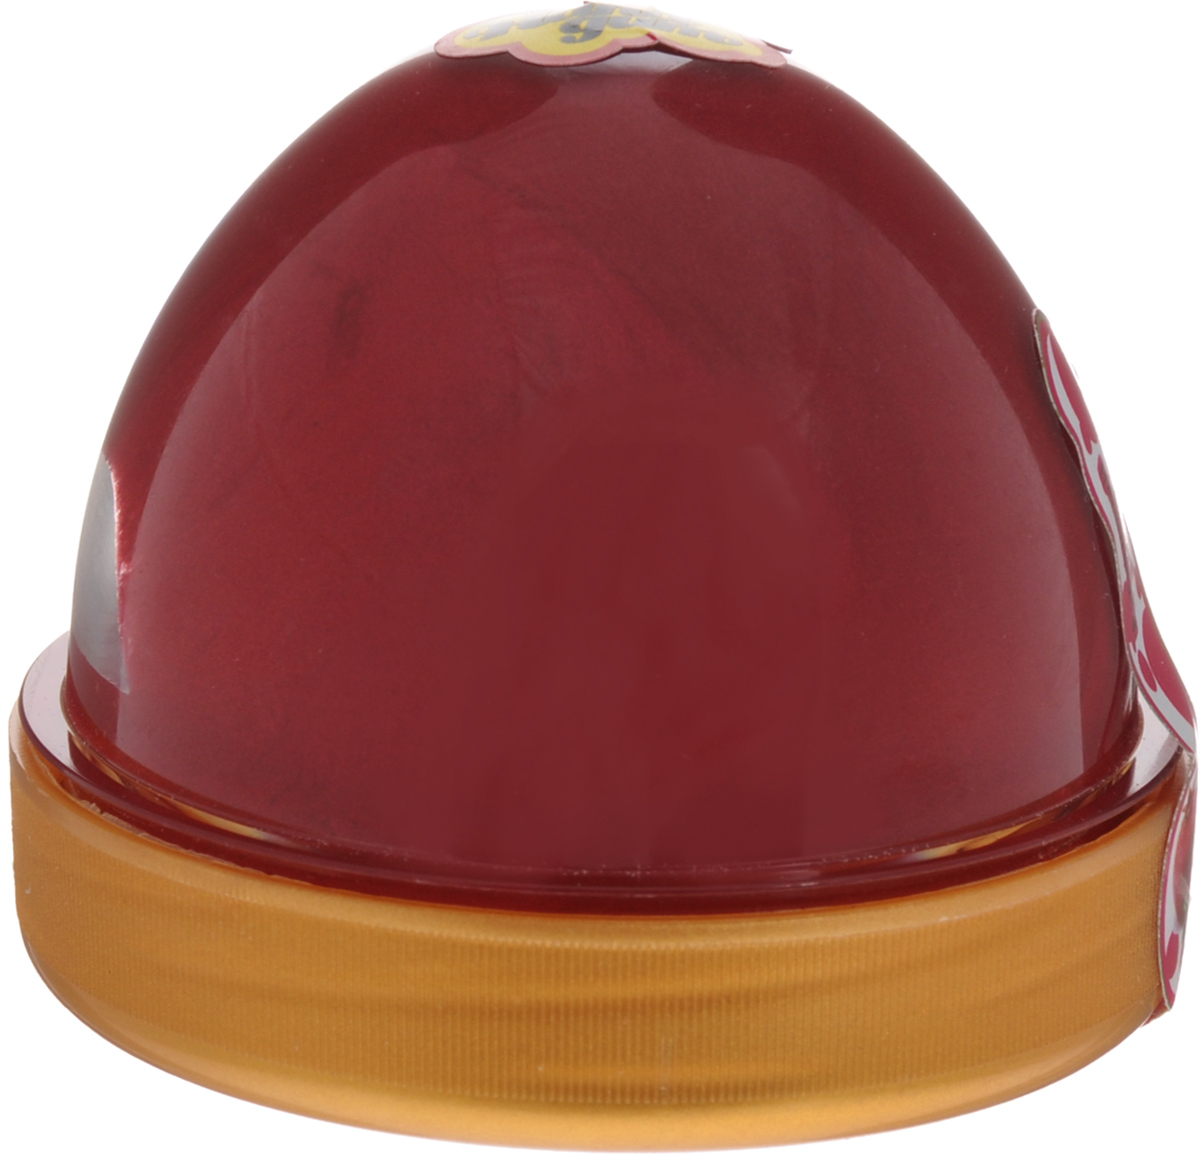 HandGum Жвачка для рук цвет рубиновый 70 г